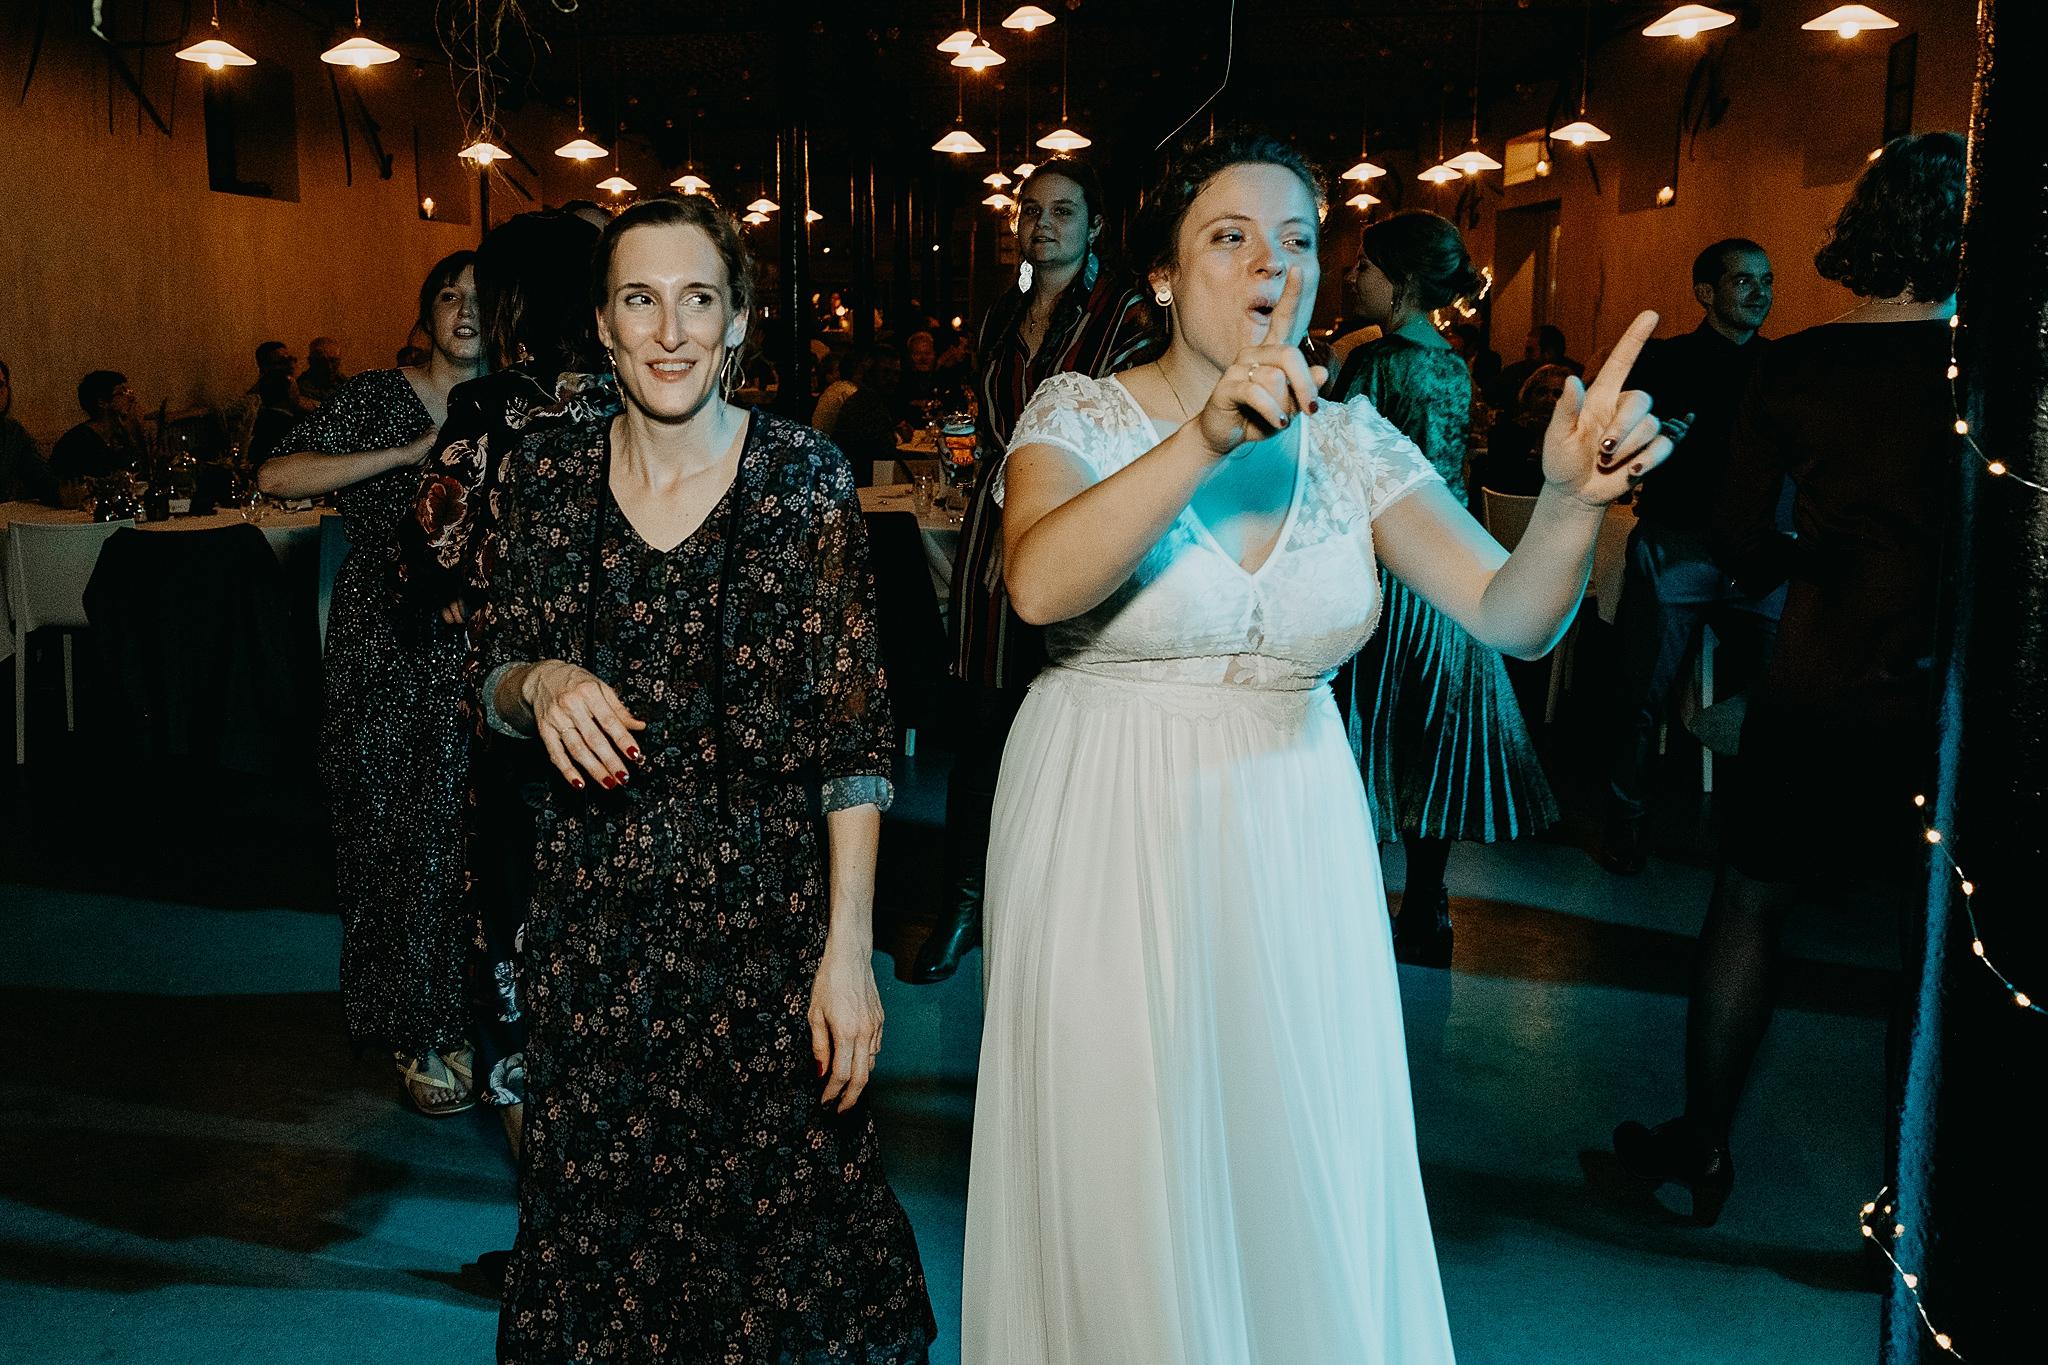 Aulnenhof bruid vriendin huwelijk dansvloer